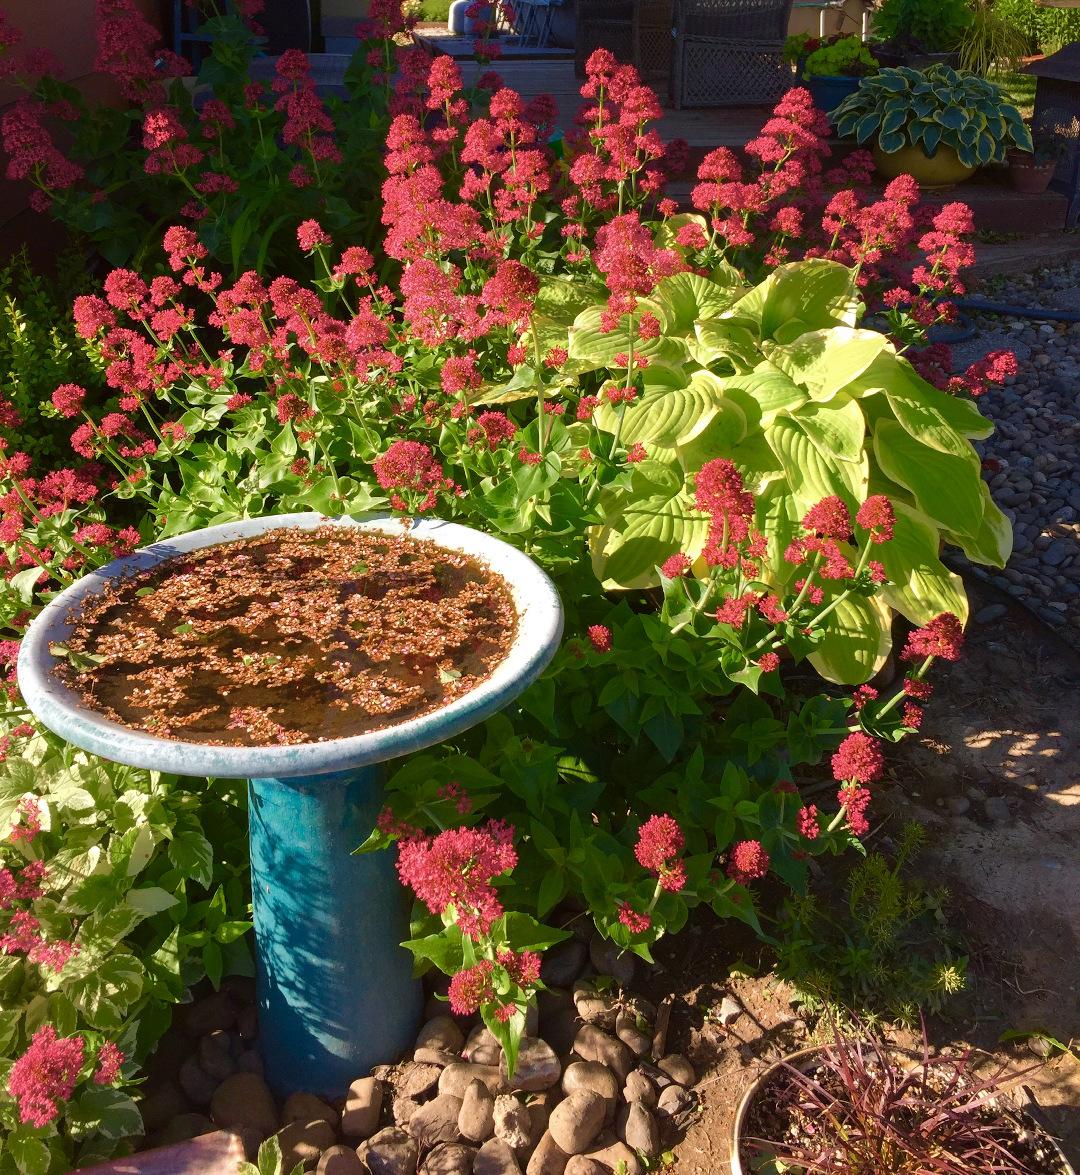 Valerian in bloom